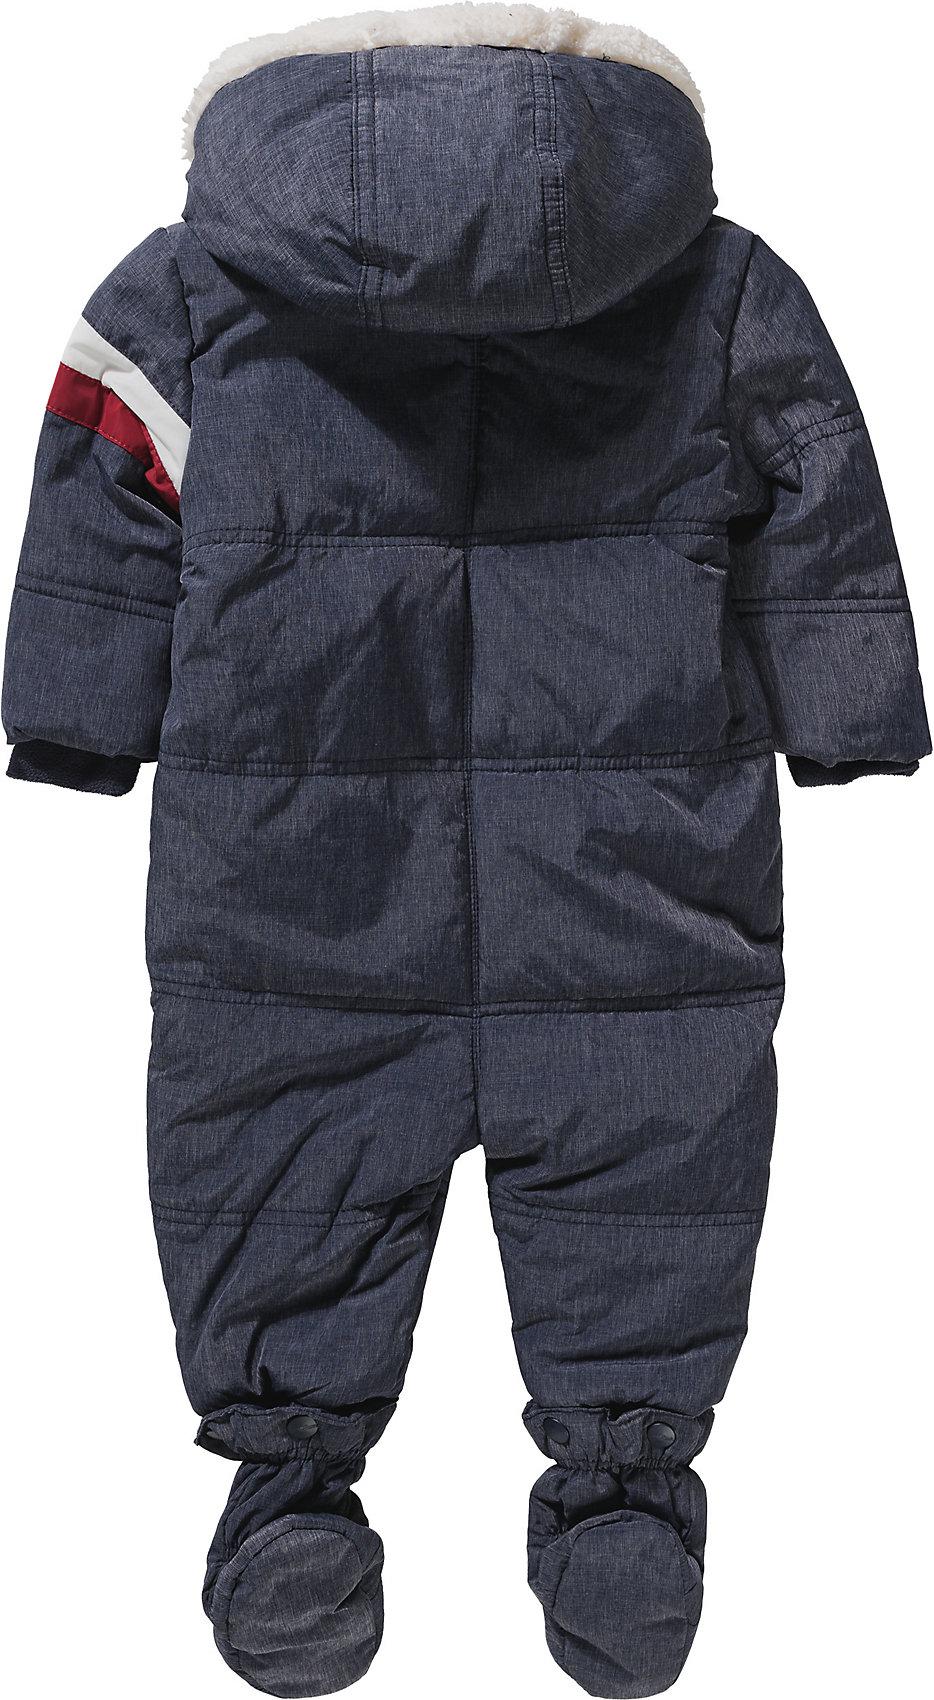 Neu s.Oliver Baby Schneeanzug für Jungen 9453046 für Jungen dunkelblau